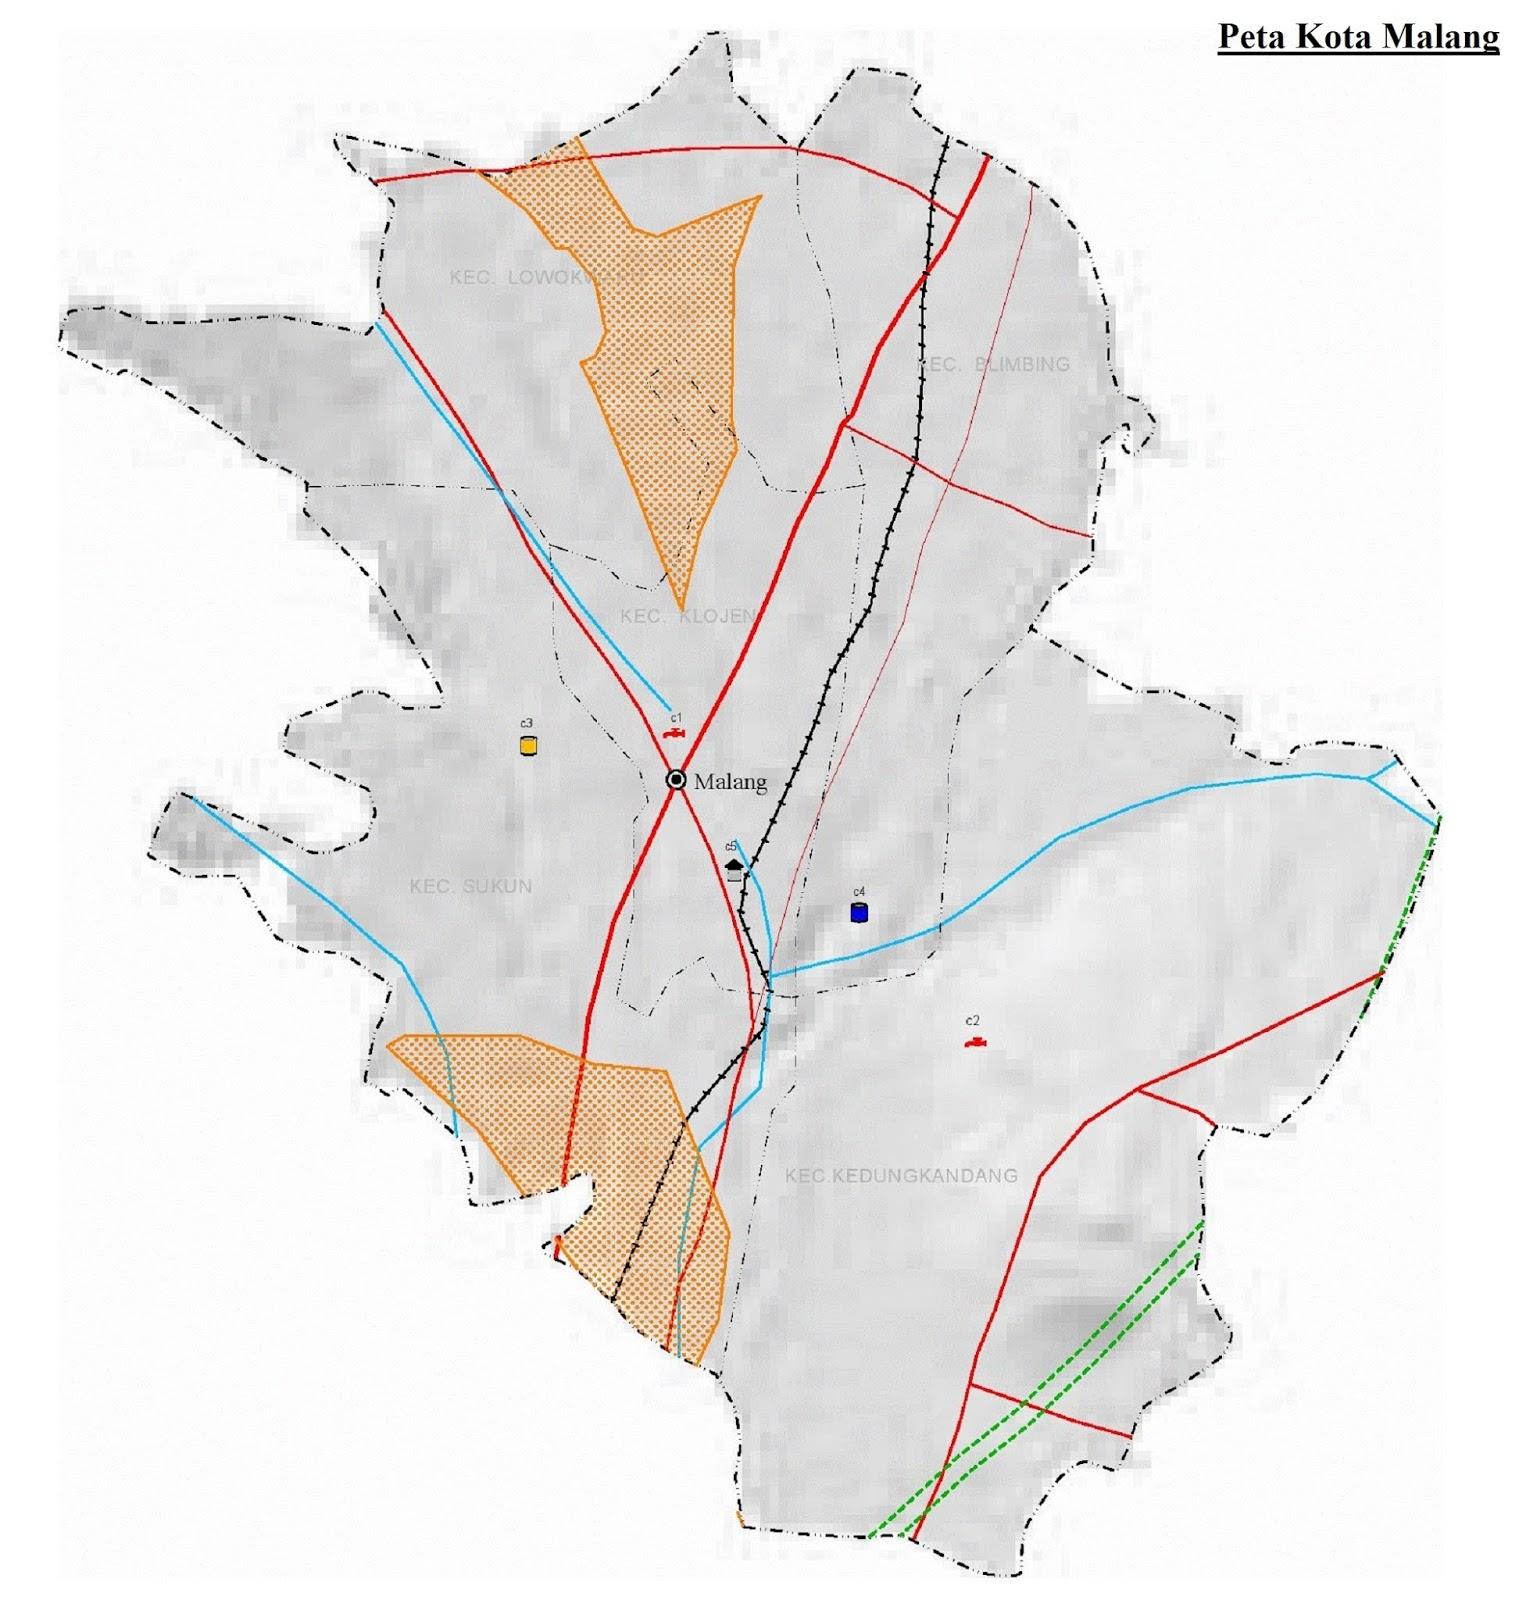 Peta Kota Malang HD